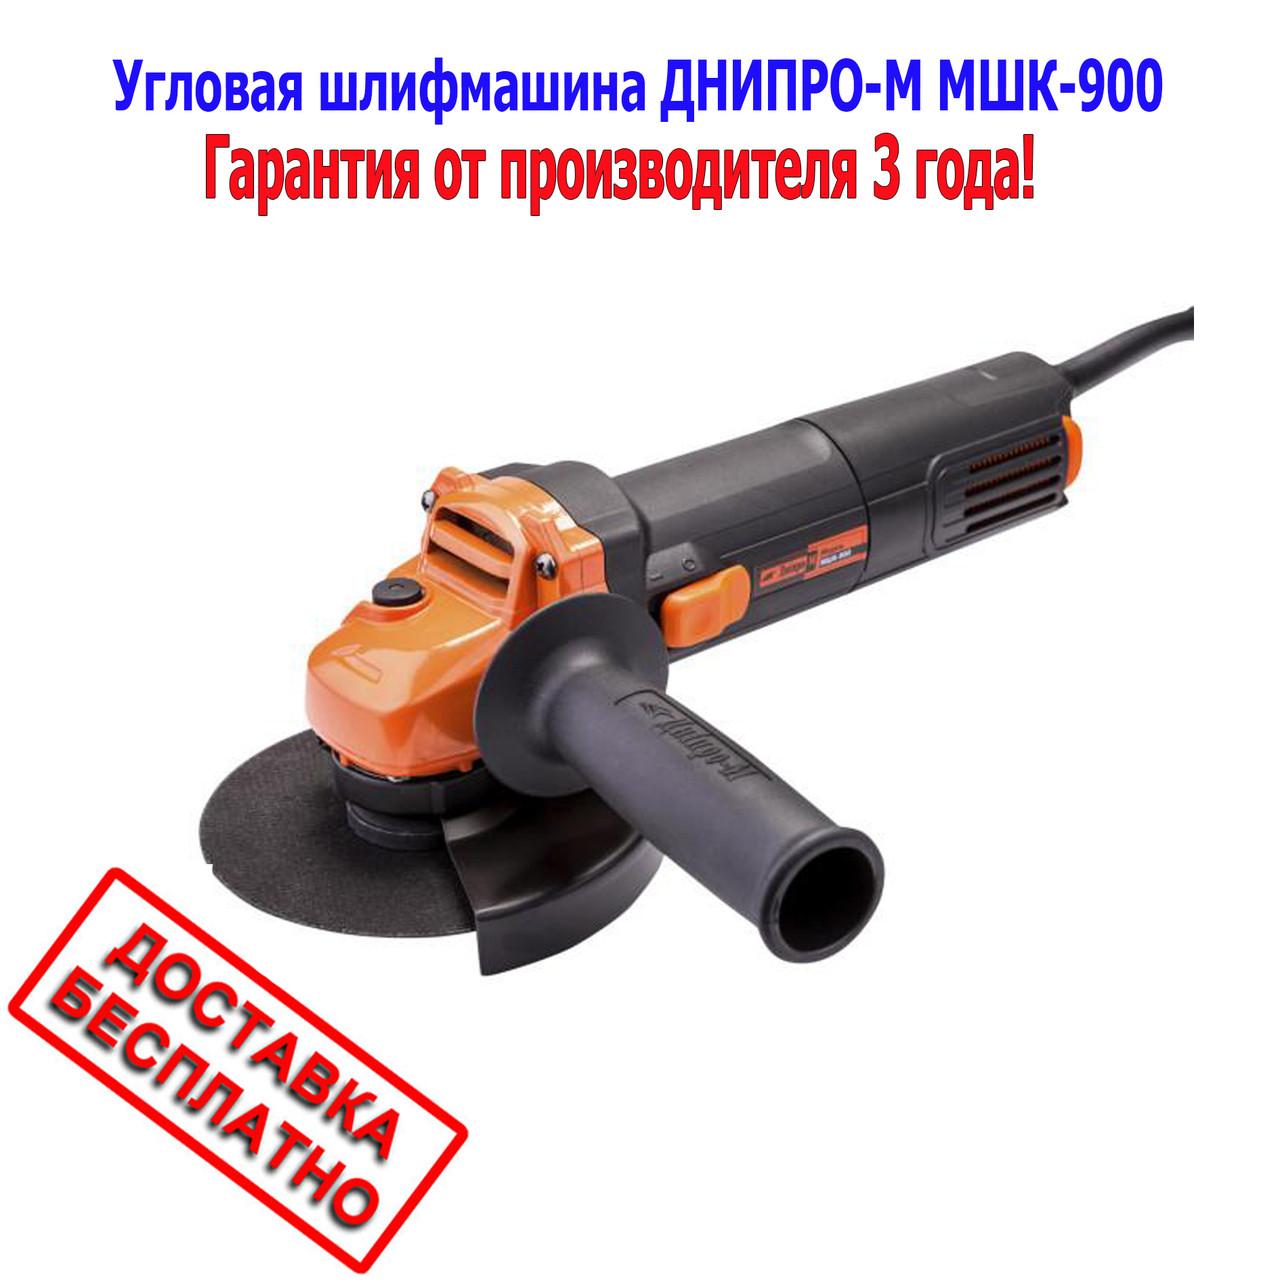 УГЛОВАЯ ШЛИФОВАЛЬНАЯ МАШИНА ДНІПРО-М МШК-900 - СПД Богинская Е. В. в Одесской области